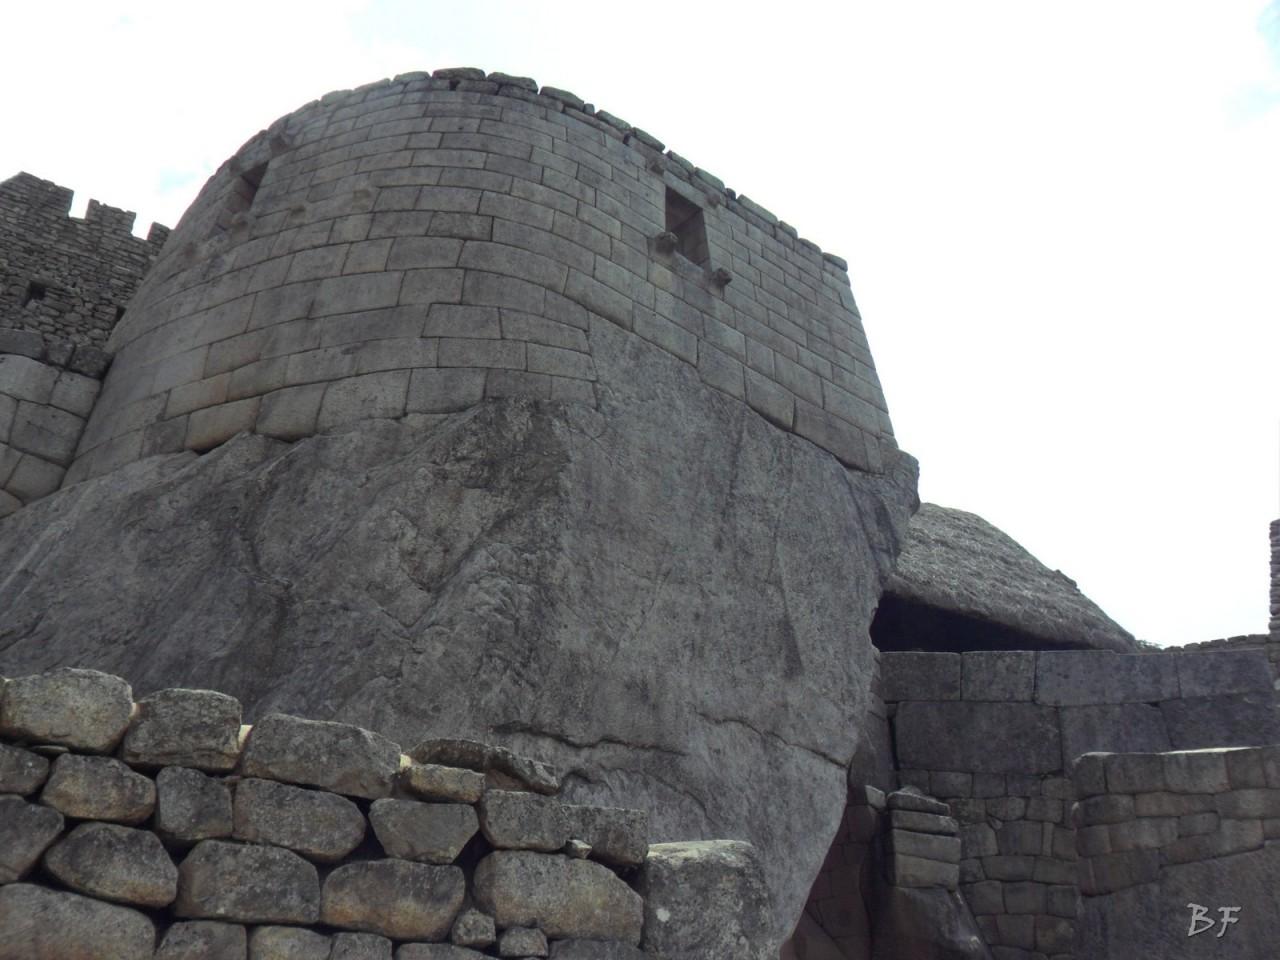 Mura-Poligonali-Incisioni-Altari-Edifici-Rupestri-Megaliti-Machu-Picchu-Aguas-Calientes-Urubamba-Cusco-Perù-164